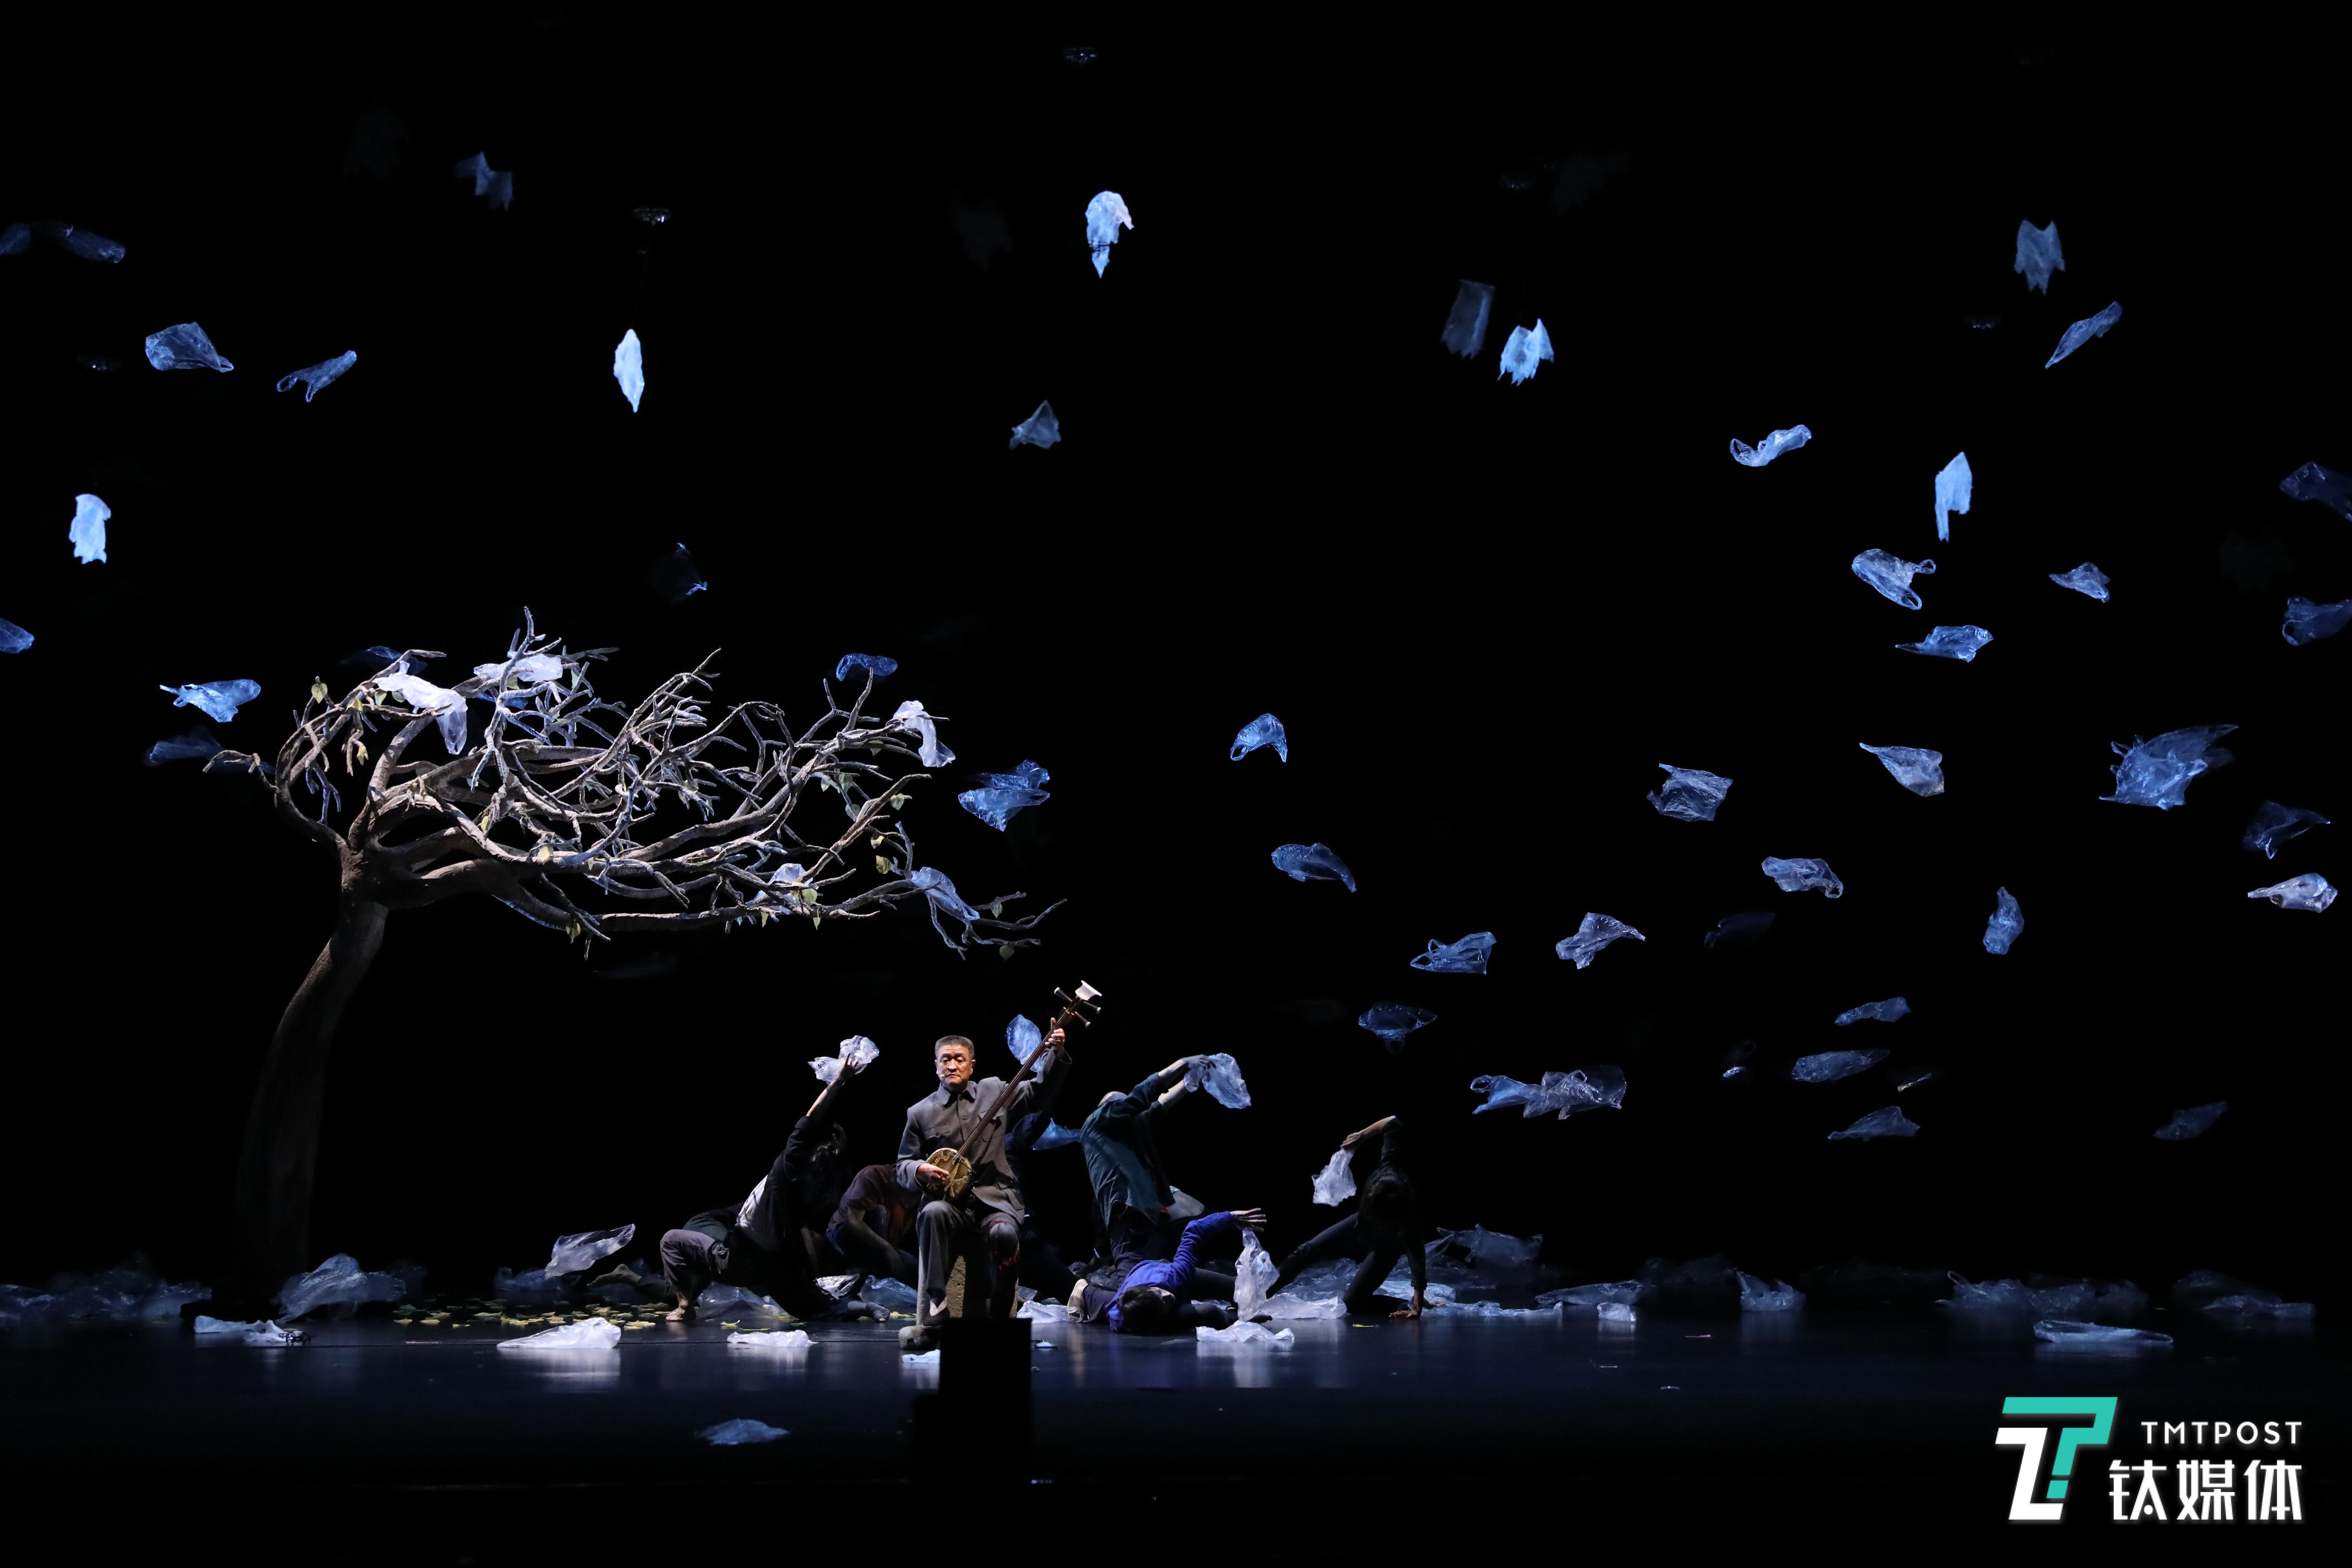 当科技遇上艺术:Verity 无人机如何融入舞台表演